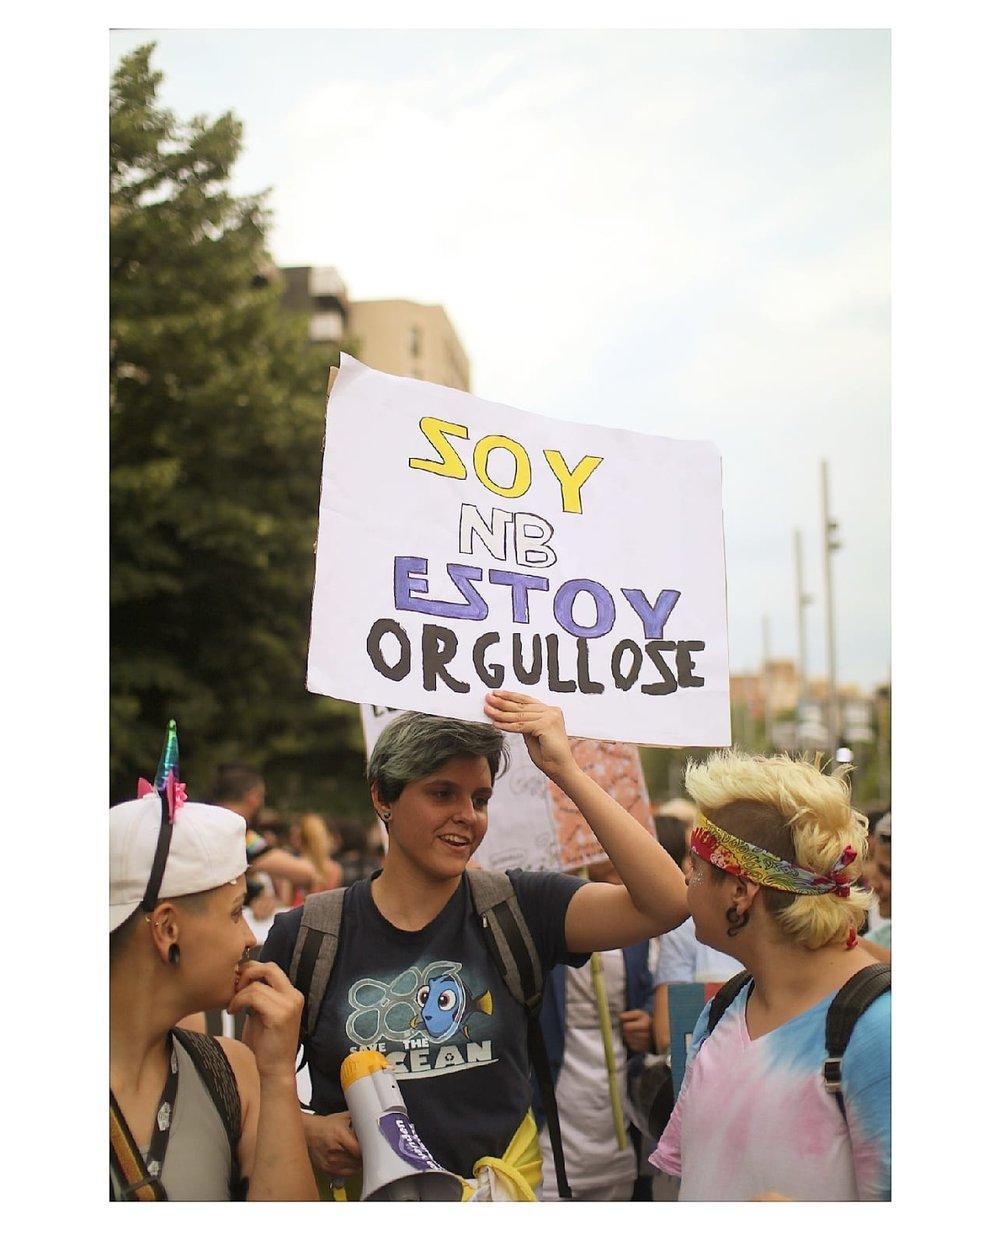 Orgullo no binarie. Orgullo ZGZ 2018. Foto: Maria T. Solanot